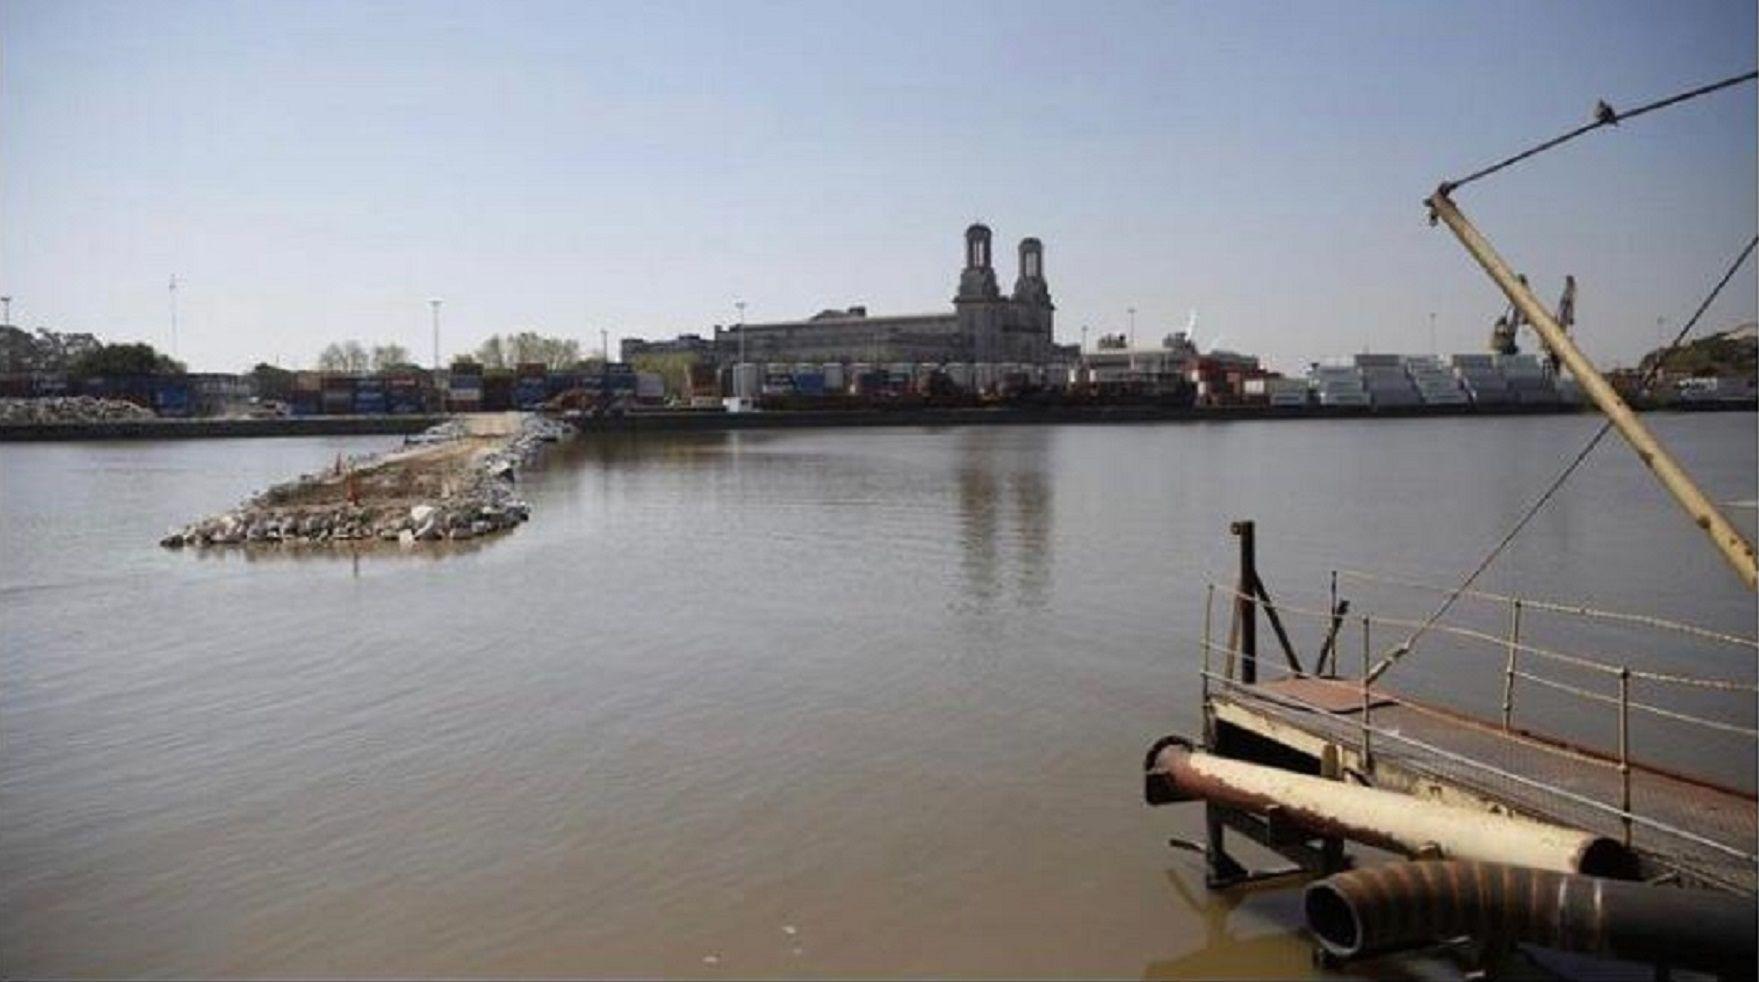 Tragedia en la Costanera: se tiró al río para salvar a su hija y a su esposa y murió ahogado